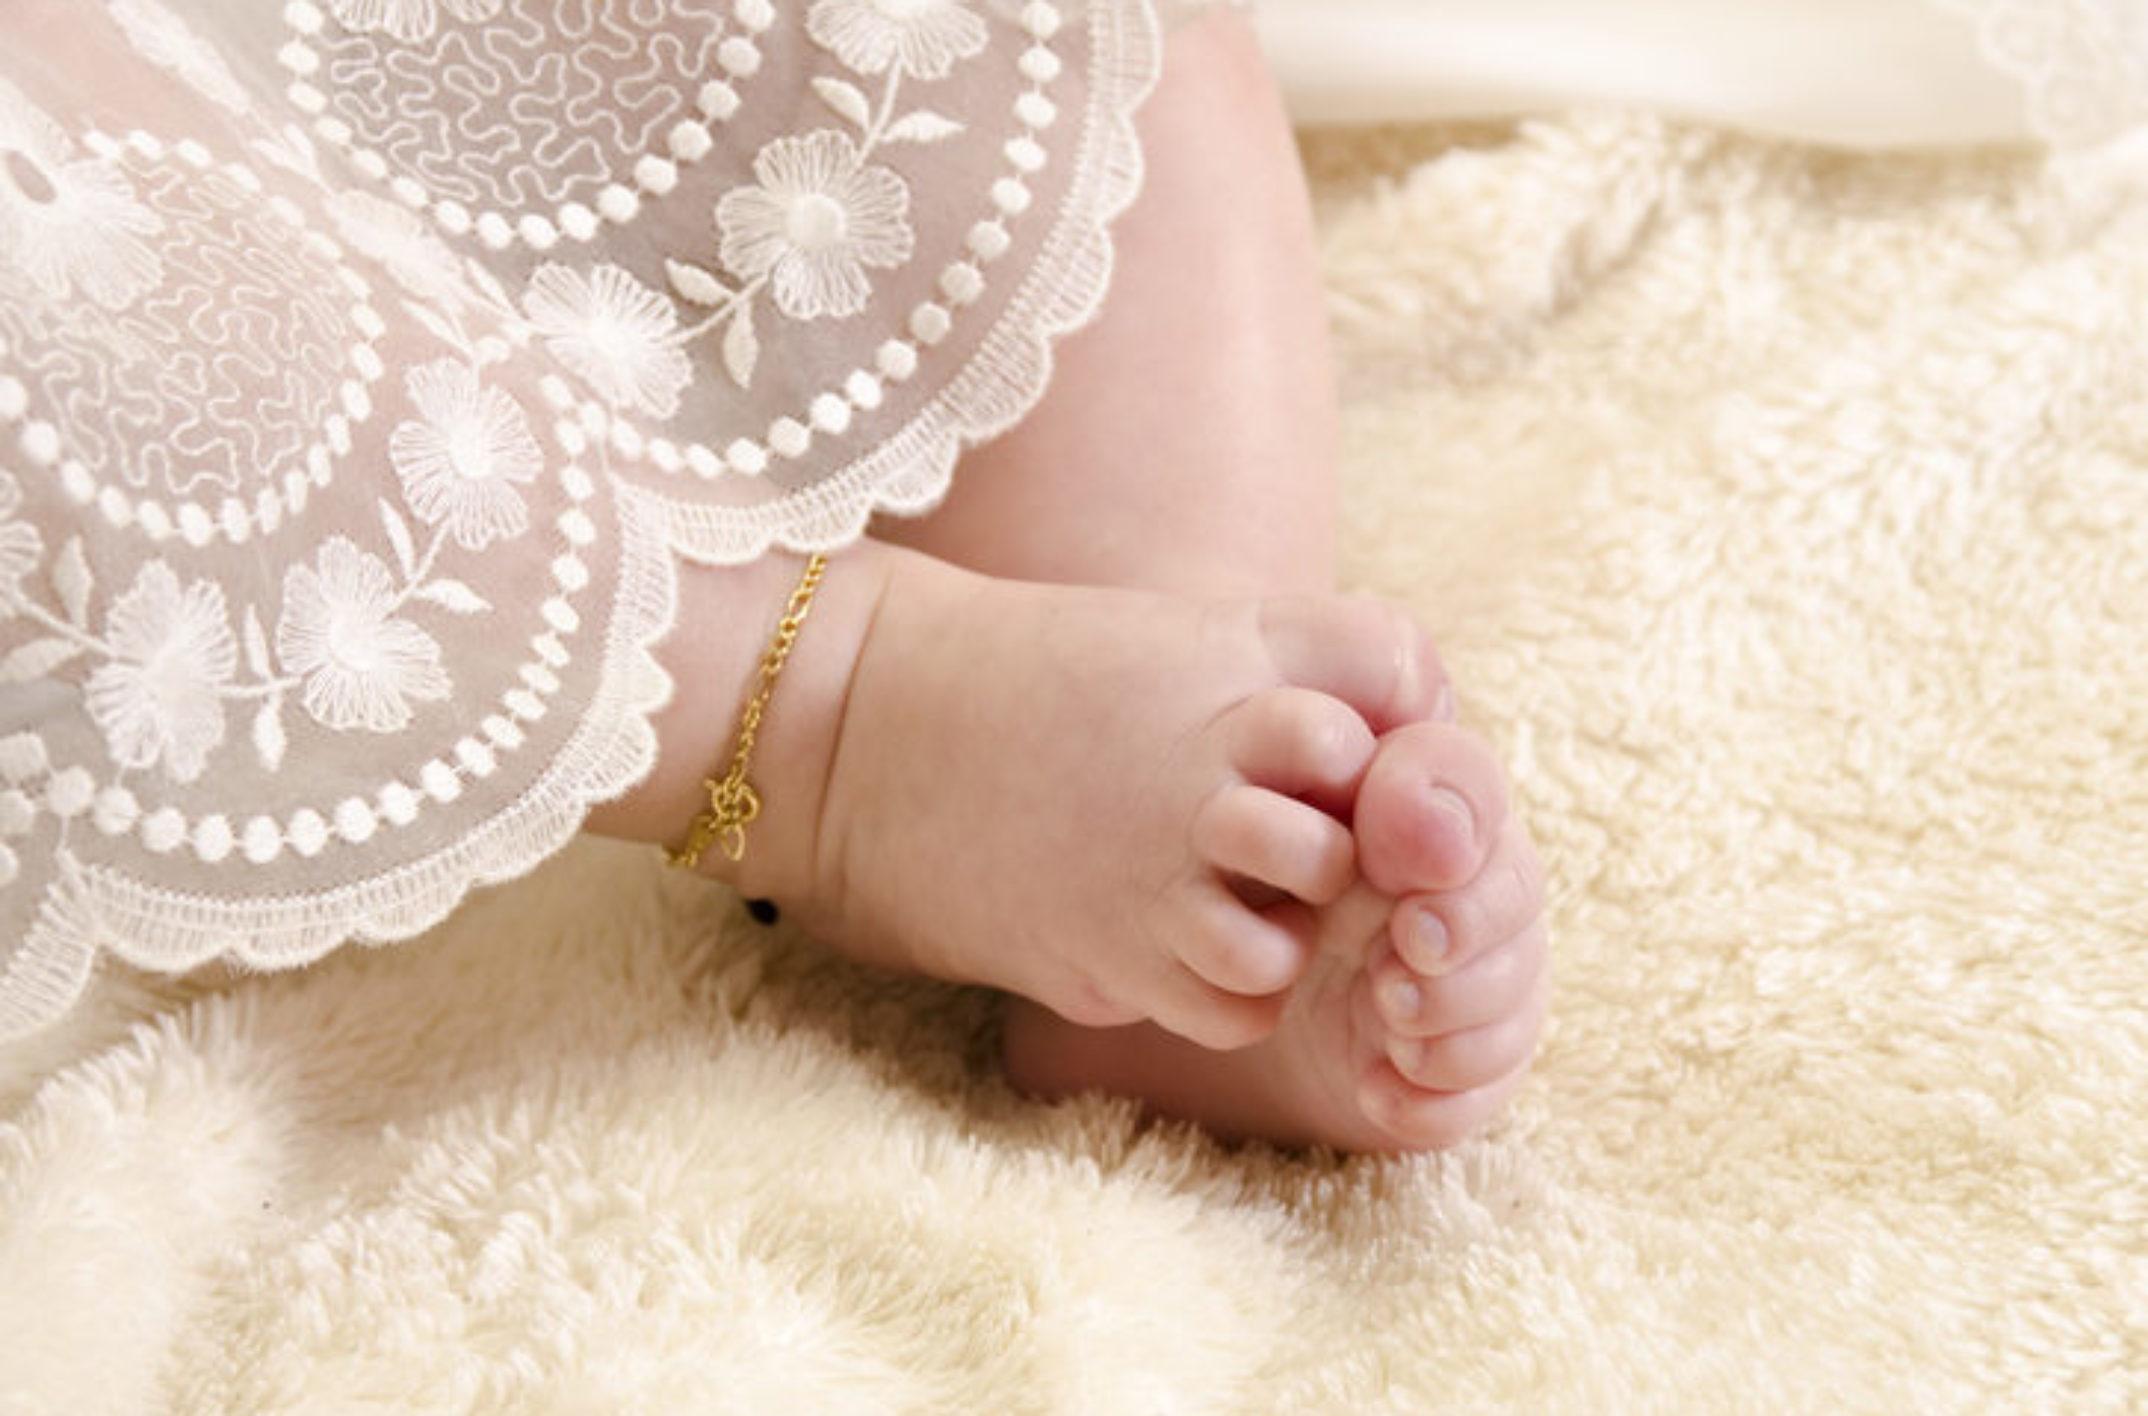 Quelle gourmette offrir au baptême d'une fille ou d'un garçon ?